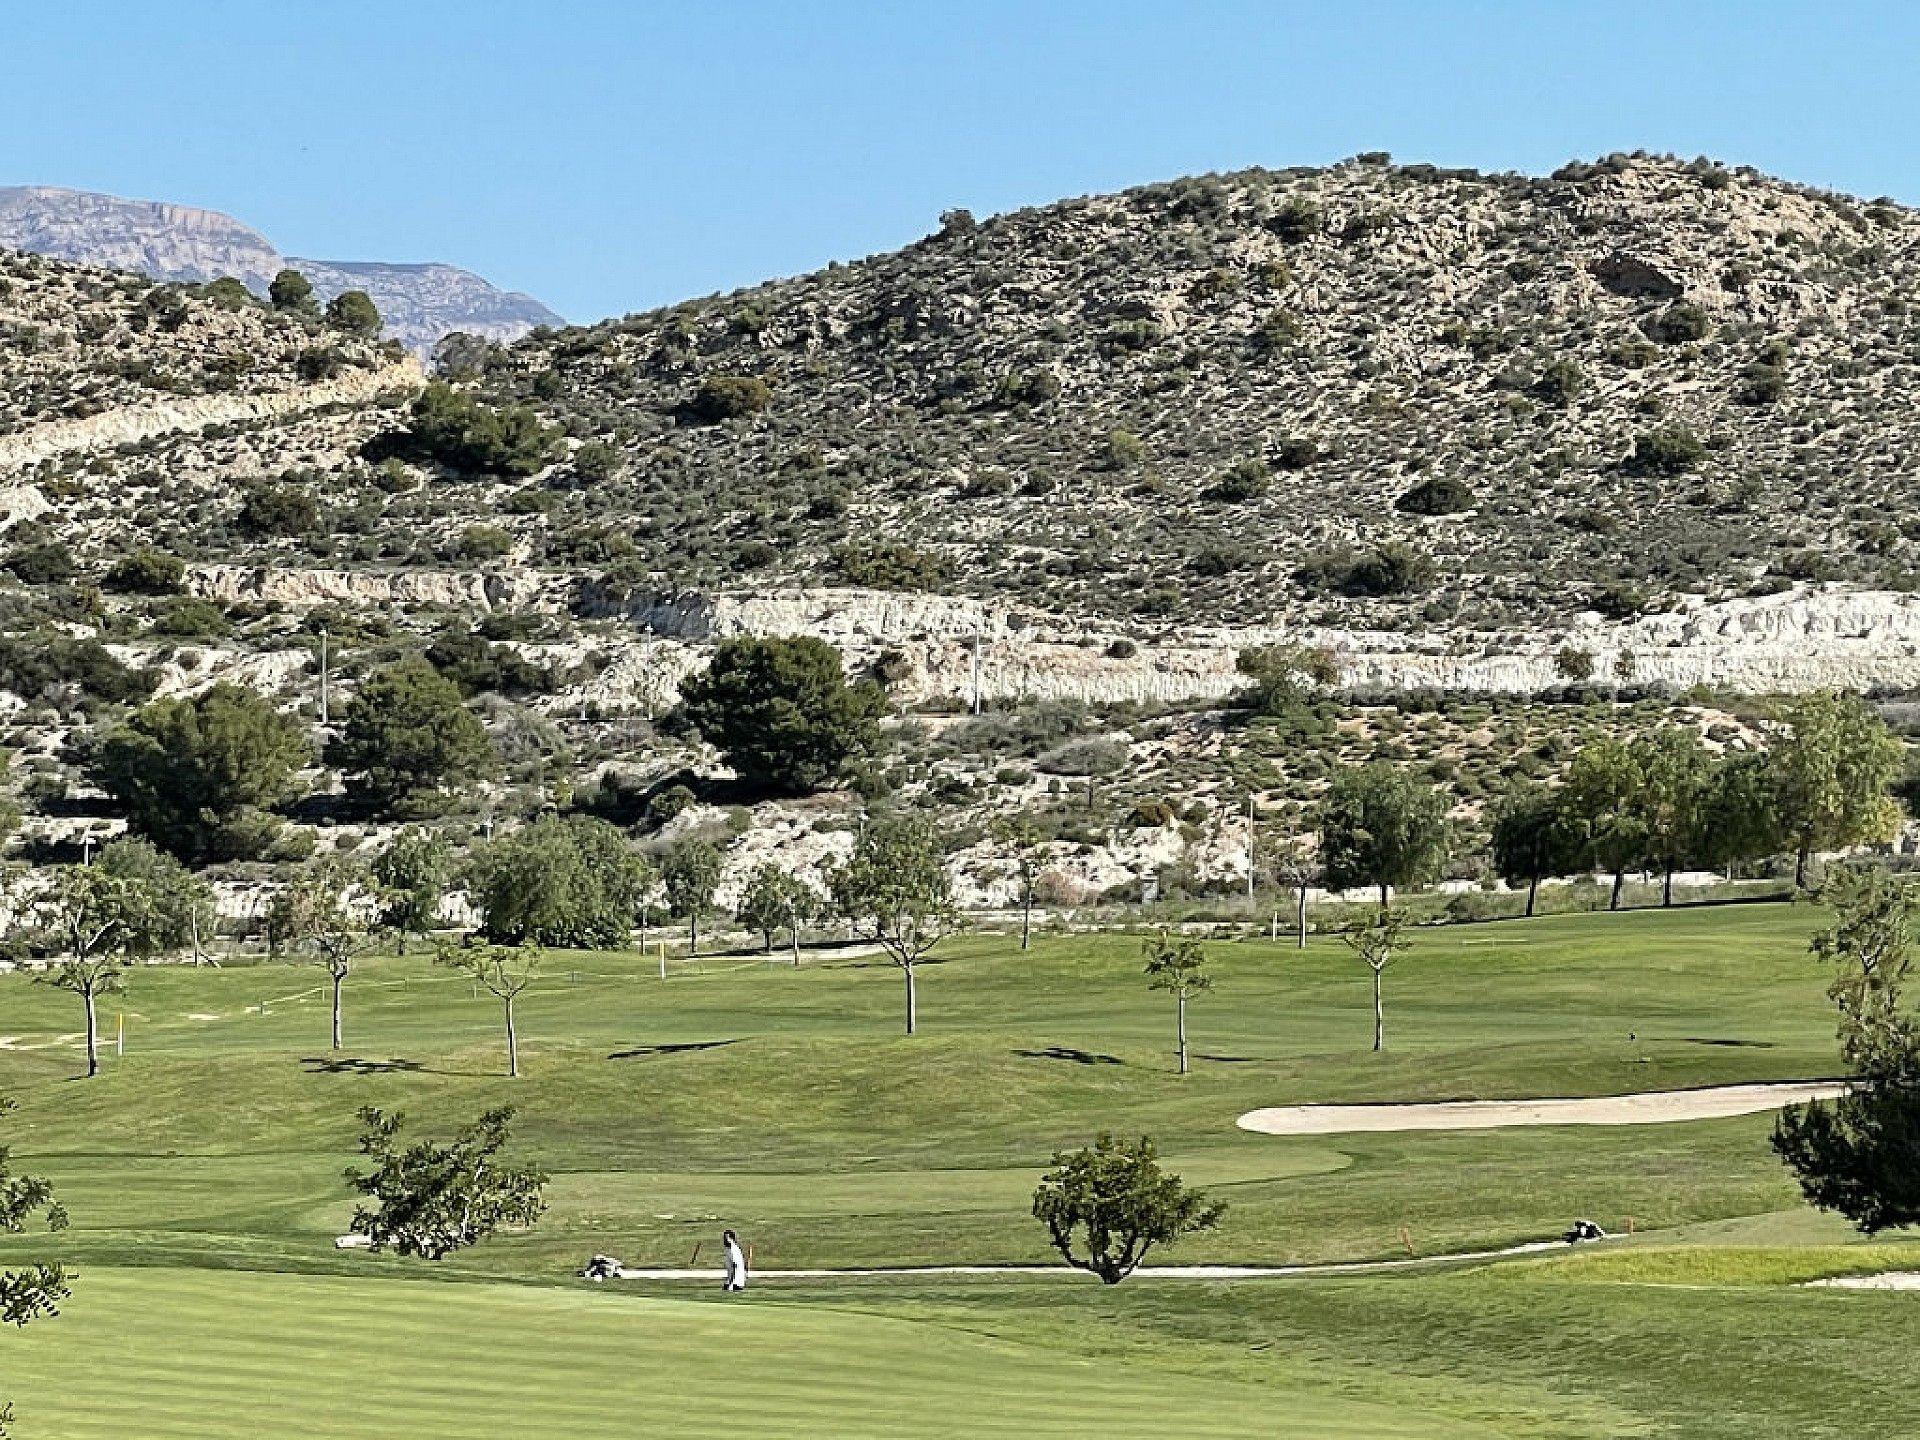 w_nieuwbouw-appartement-te-koop-golf-alicante-montforte-costa-blanca-spanje-golfview-019.jpg